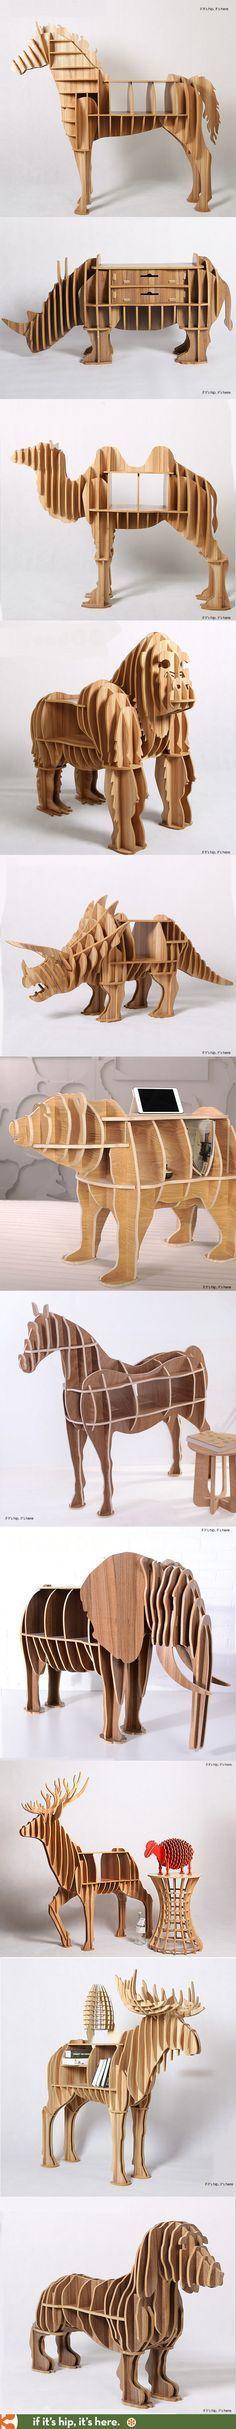 Muebles en forma de animales, ensamblados por medio de caja y espiga. Diseñador desconocido. -AK